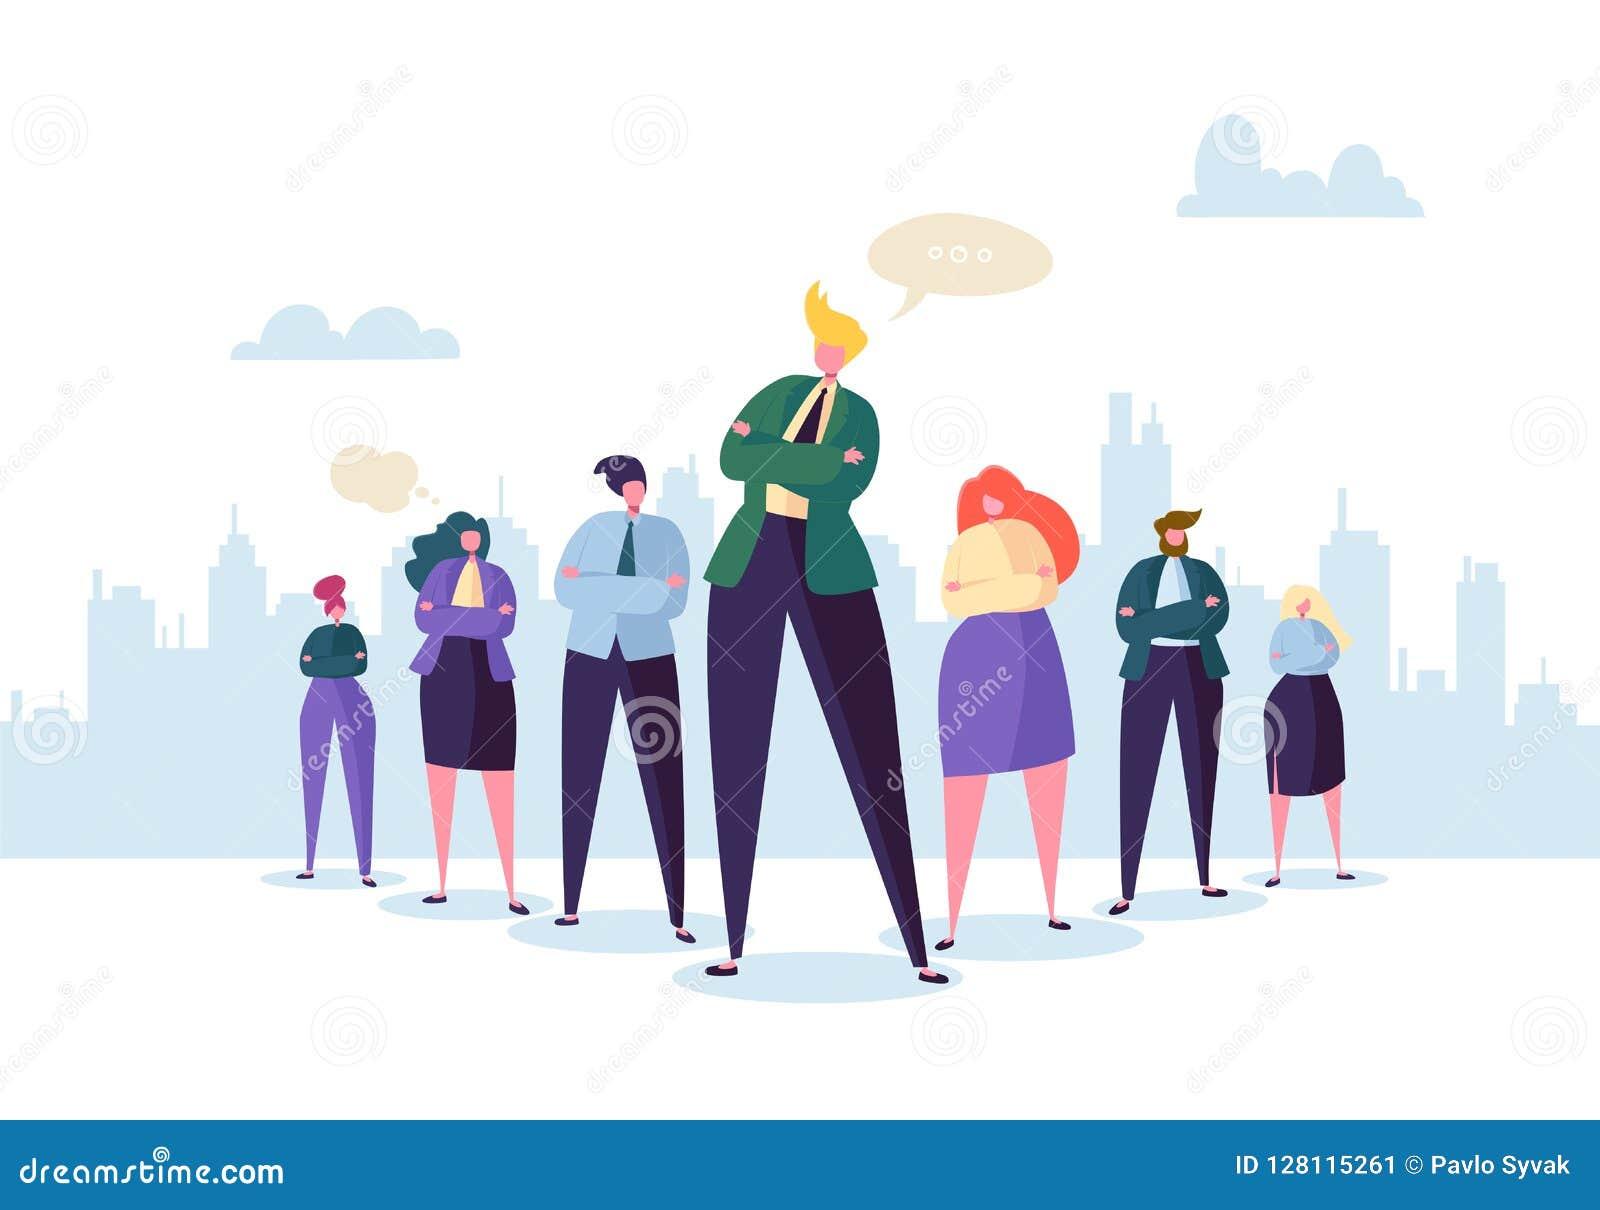 Ομάδα χαρακτήρων επιχειρηματιών με τον ηγέτη Έννοια ομαδικής εργασίας και ηγεσίας επιχειρηματίας επιτυχής